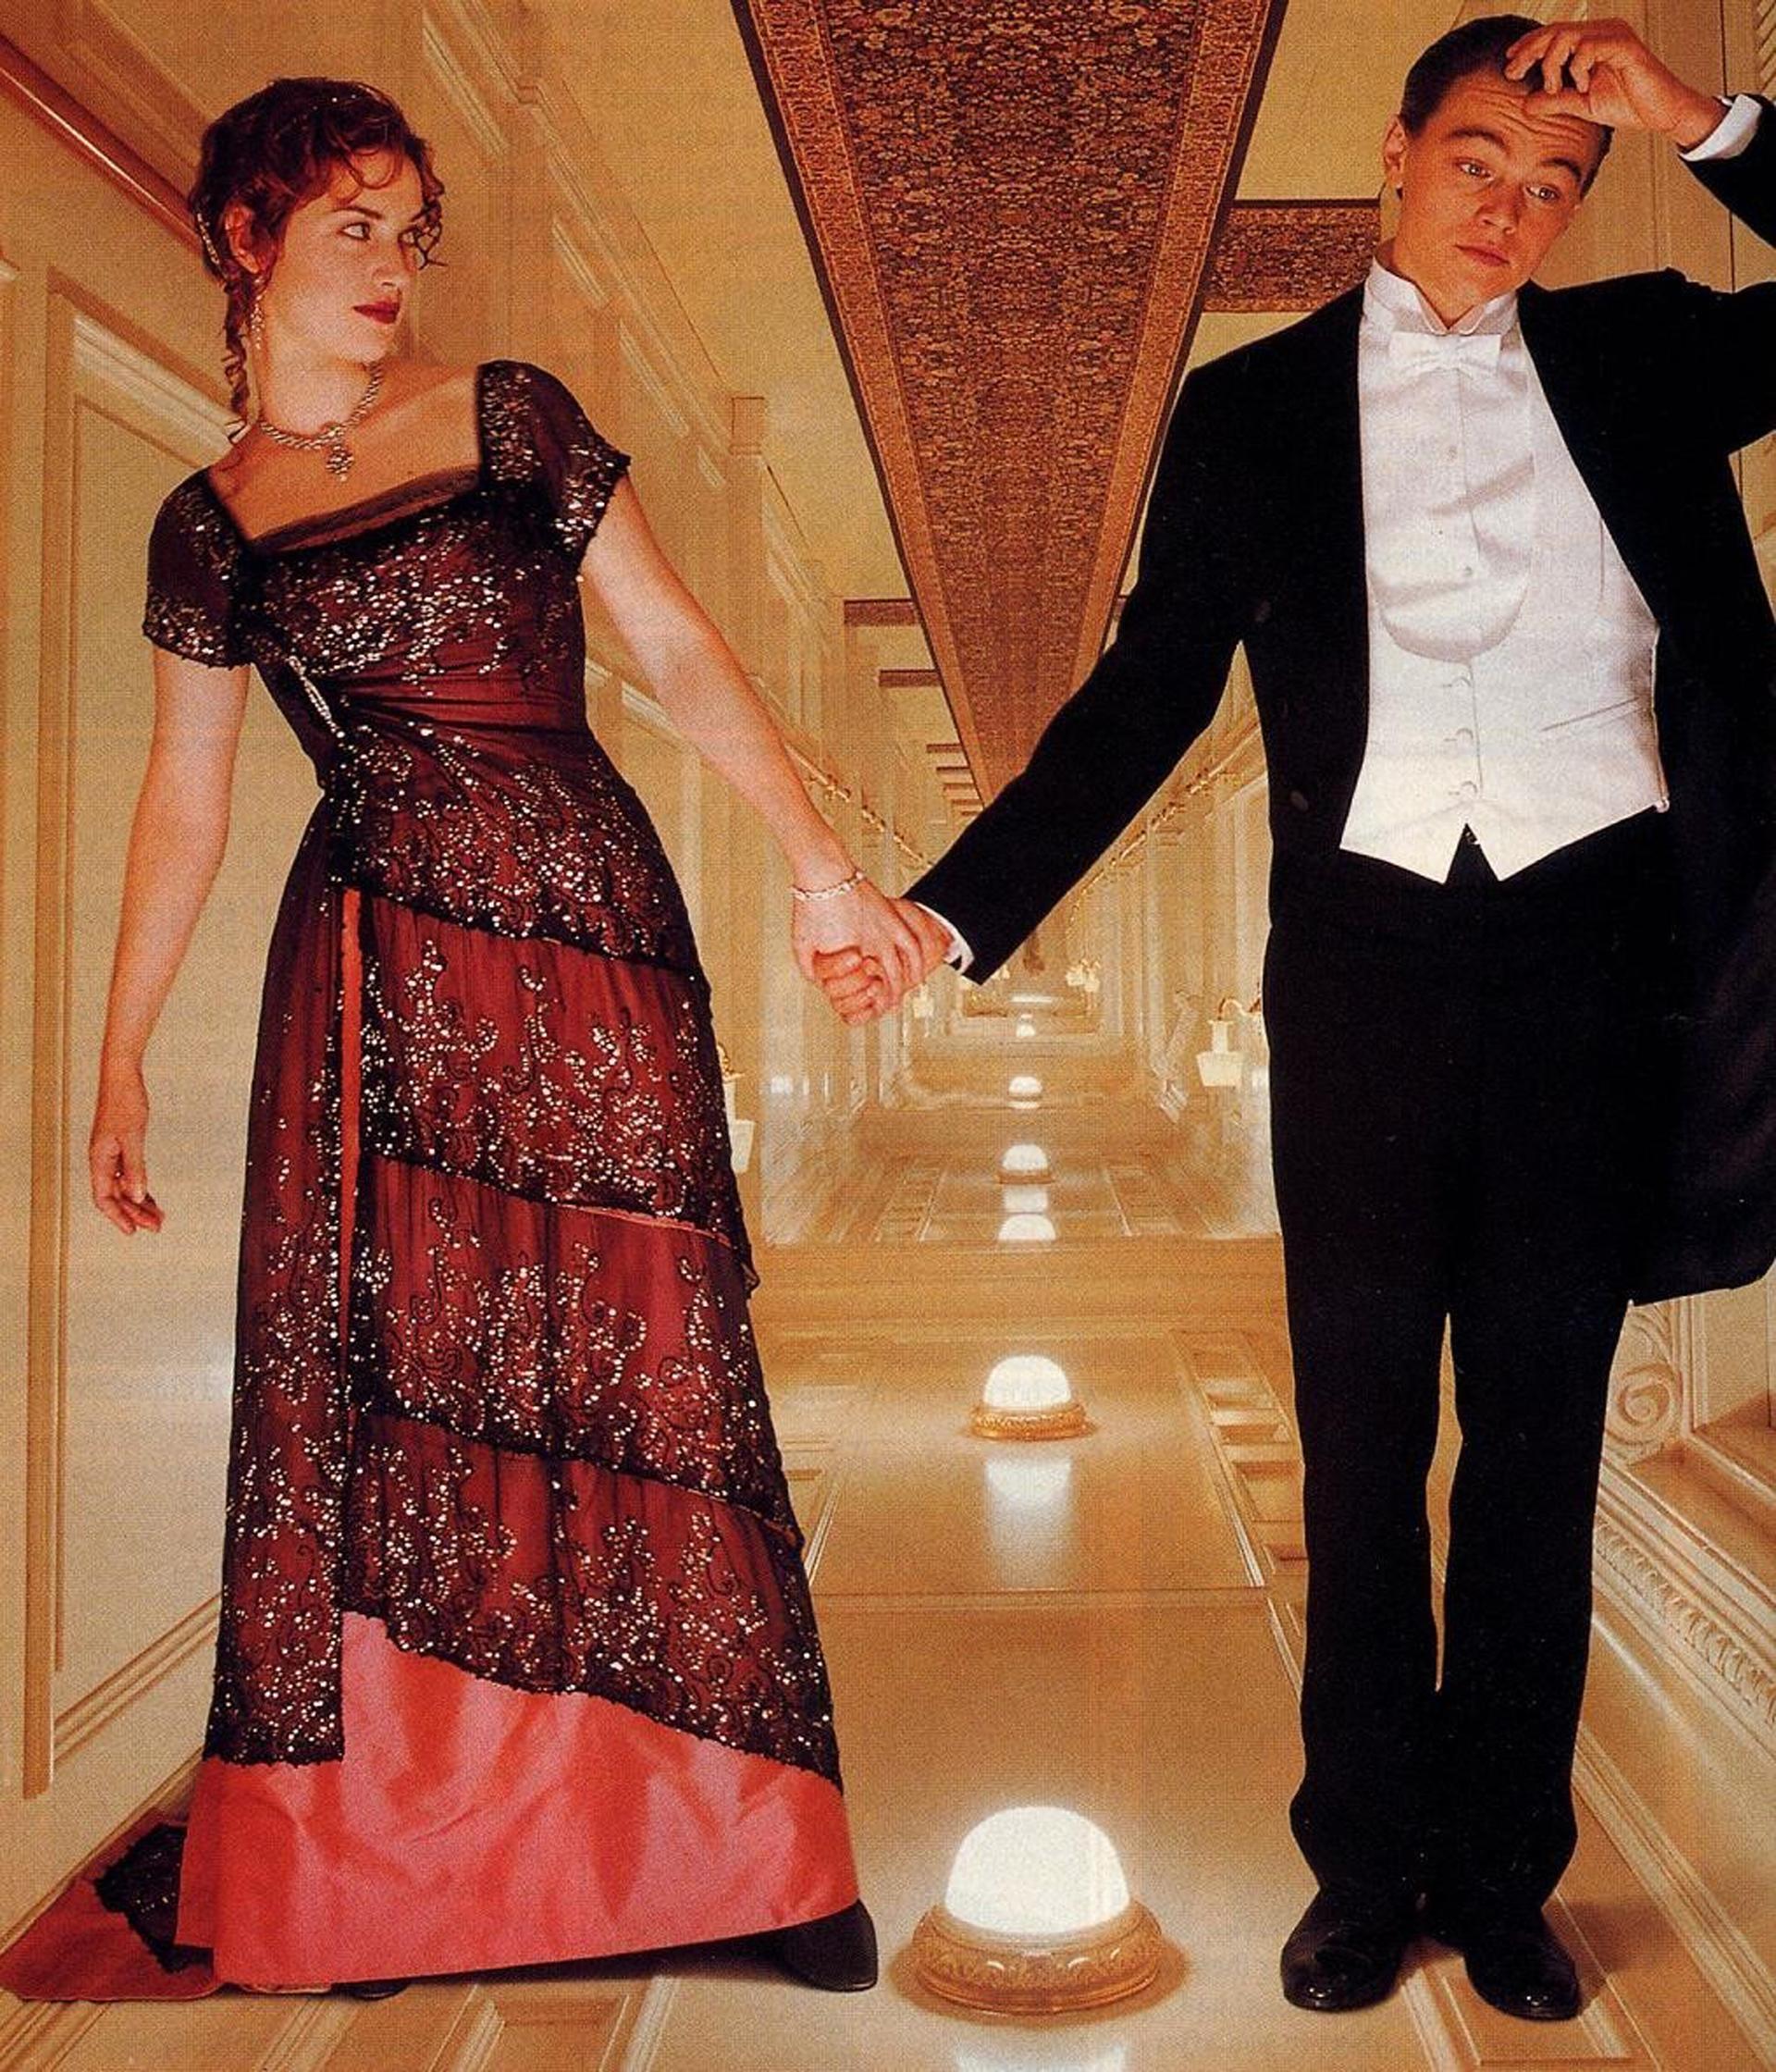 Kate Winslet en la piel de Rose DeWitt Bukater en Titanic, en rojo y sobre tul bordado en cascada acompañando con joyas de esmeraldas que se lucen en la escena que Leonardo Di Caprio la detiene. Tanto el vestido como las joyas fueron subastadas por más de 30.000 dólares